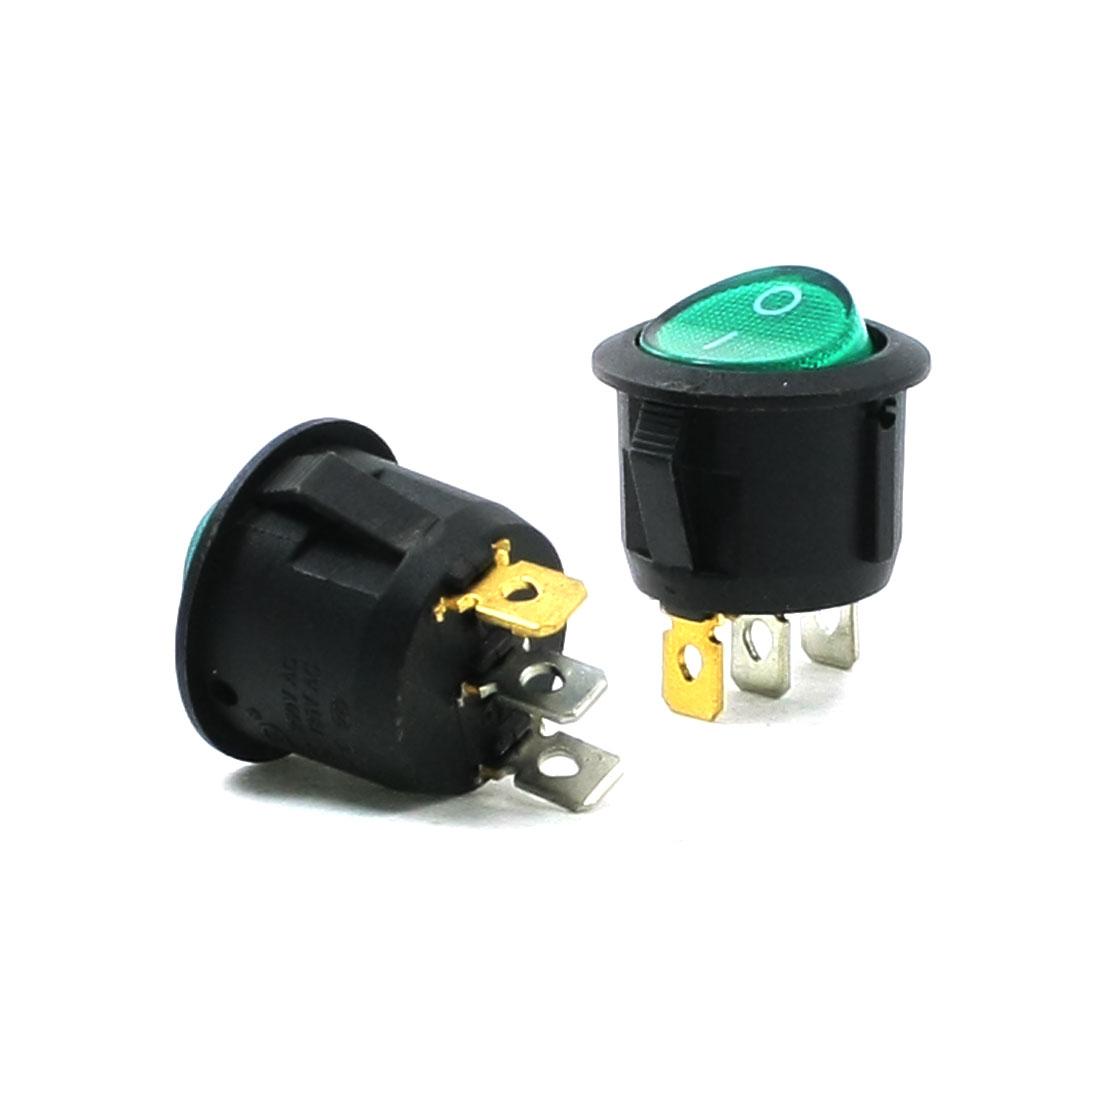 2 Pcs Green Light 3 Pin ON-OFF SPST Round Boat Rocker Switch 5A 250V 10A 125V AC